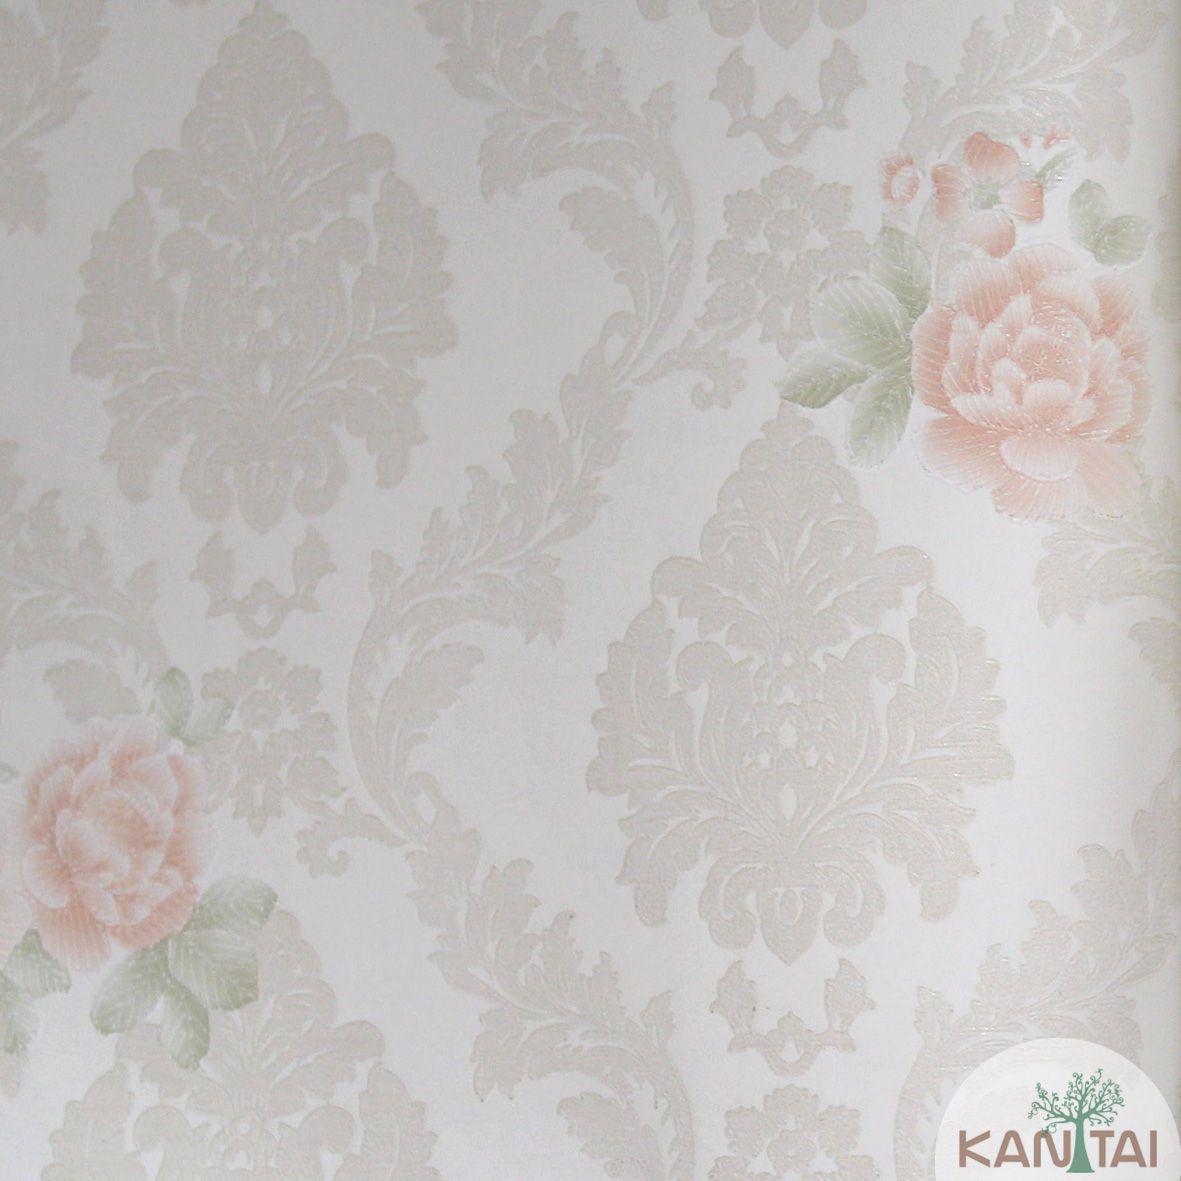 Papel de Parede Importado Kantai TNT Coleção Grace Floral Arabesco Rosas Creme, Rosa, Verde, Baixo relevo